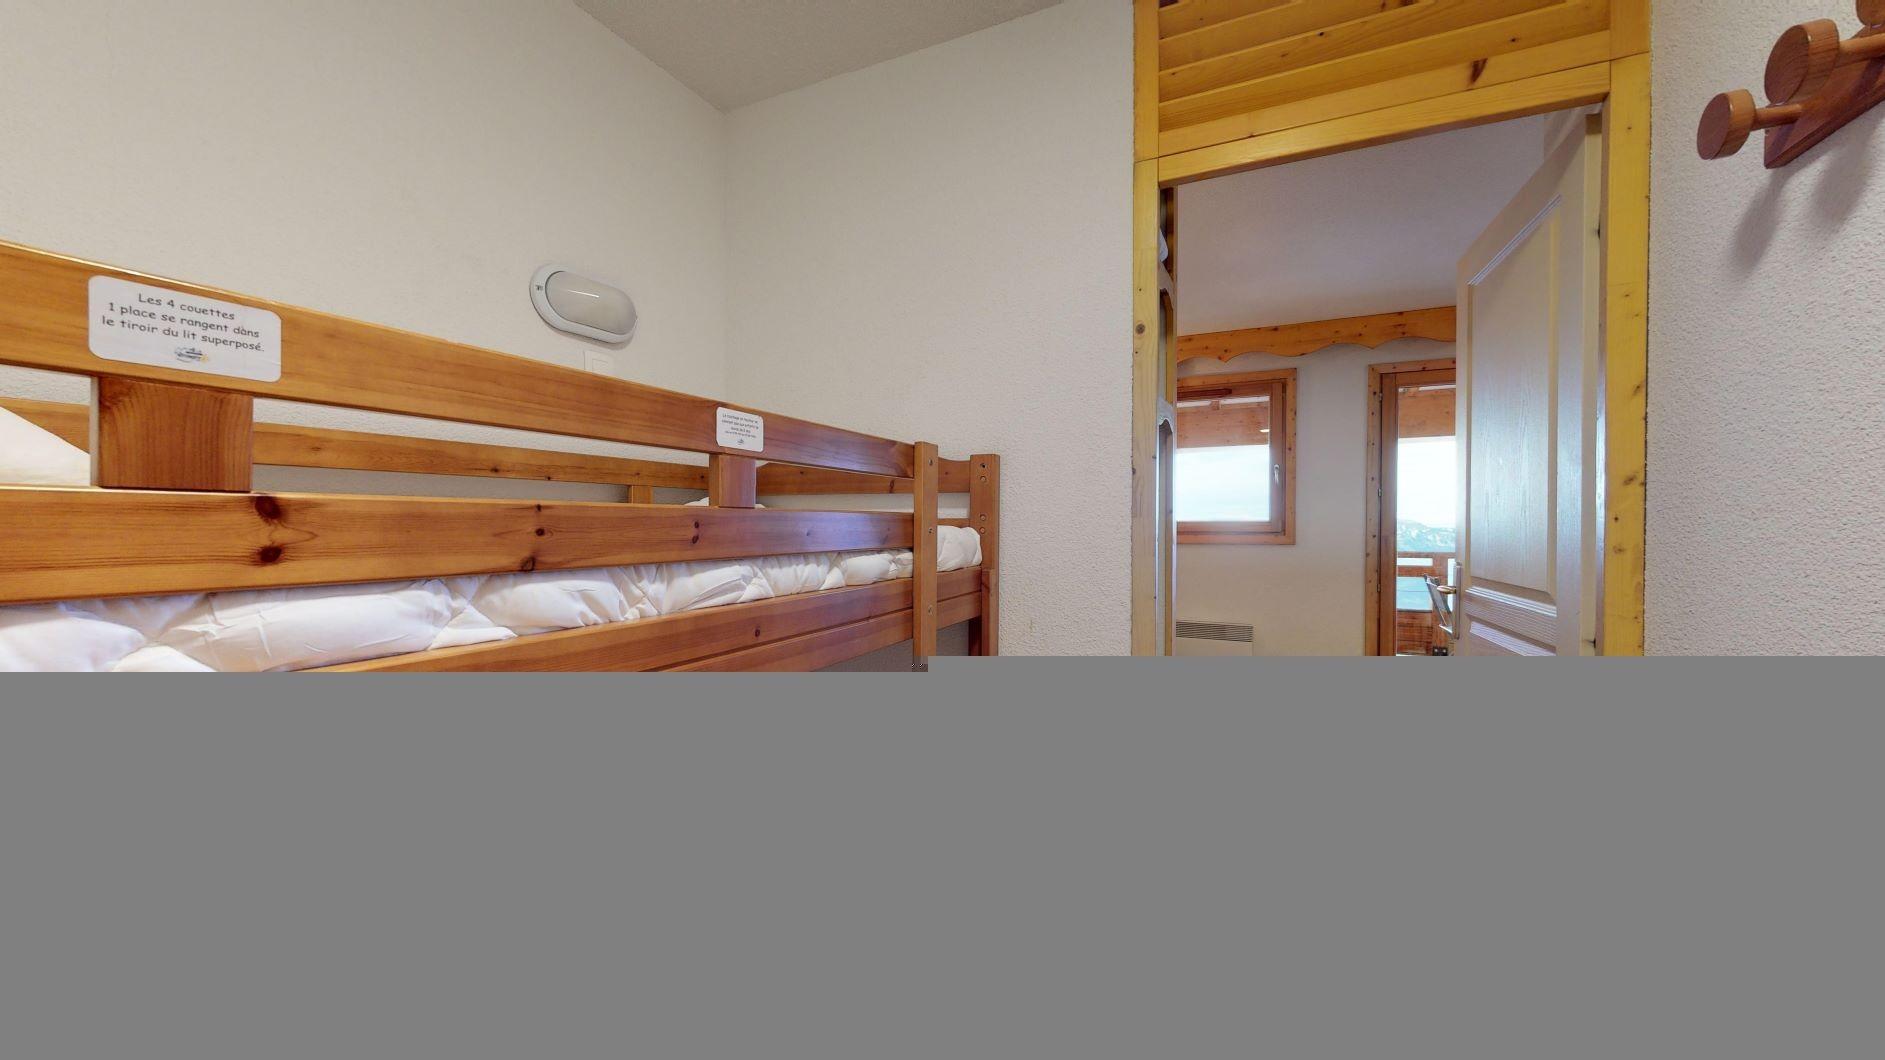 alpvision-residences-chamrousse-5-12162019-125706-1-1225856